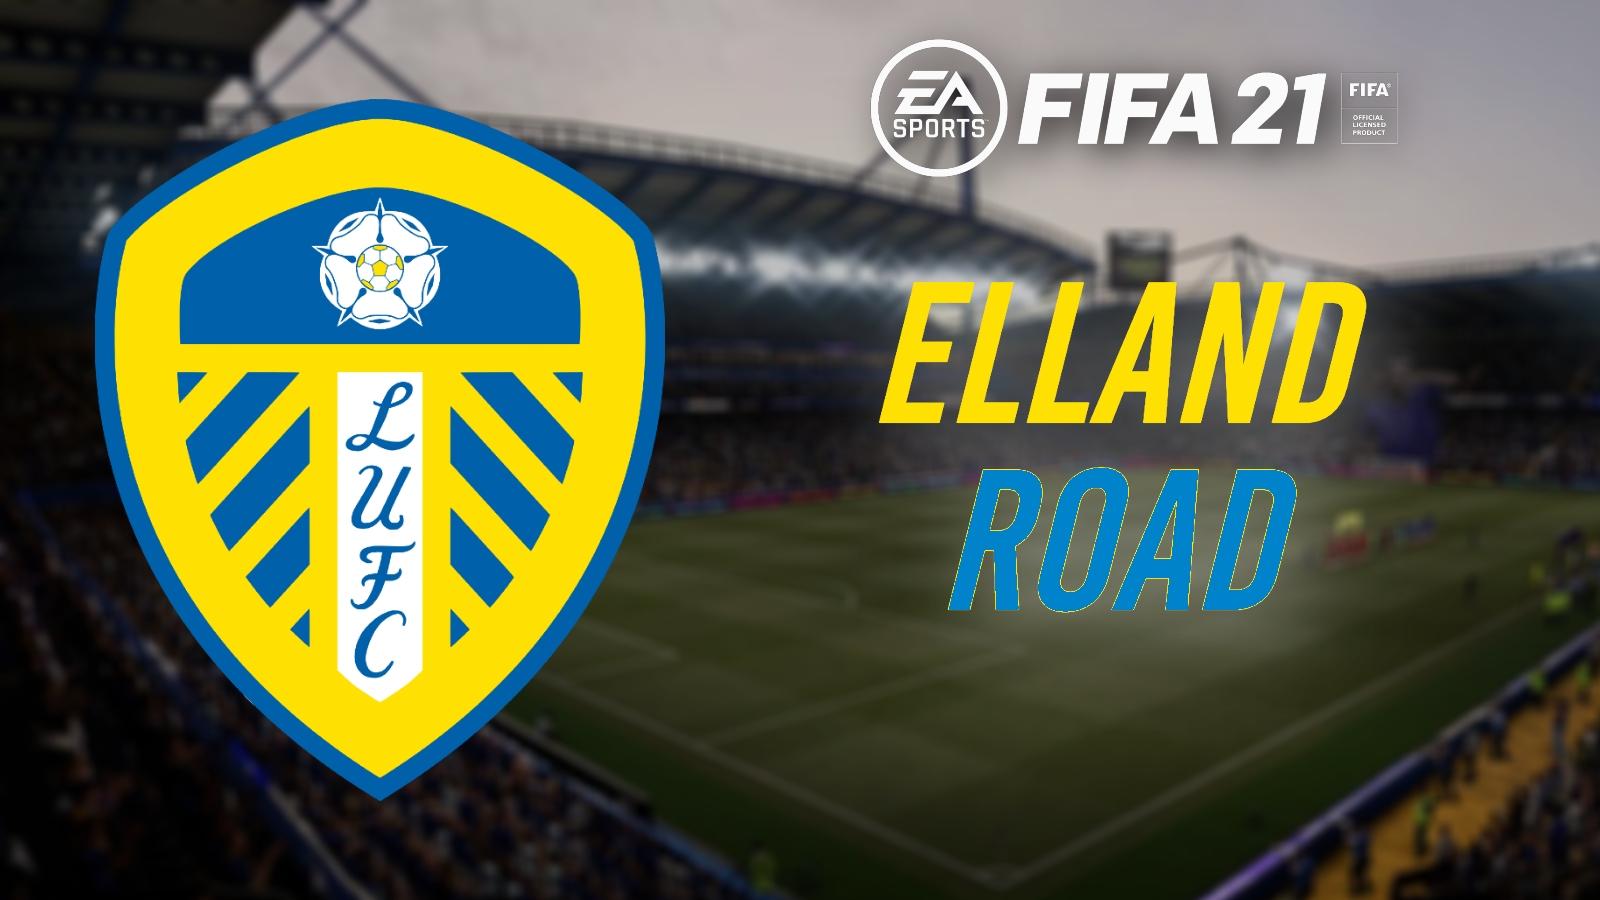 FIFA 21 elland road